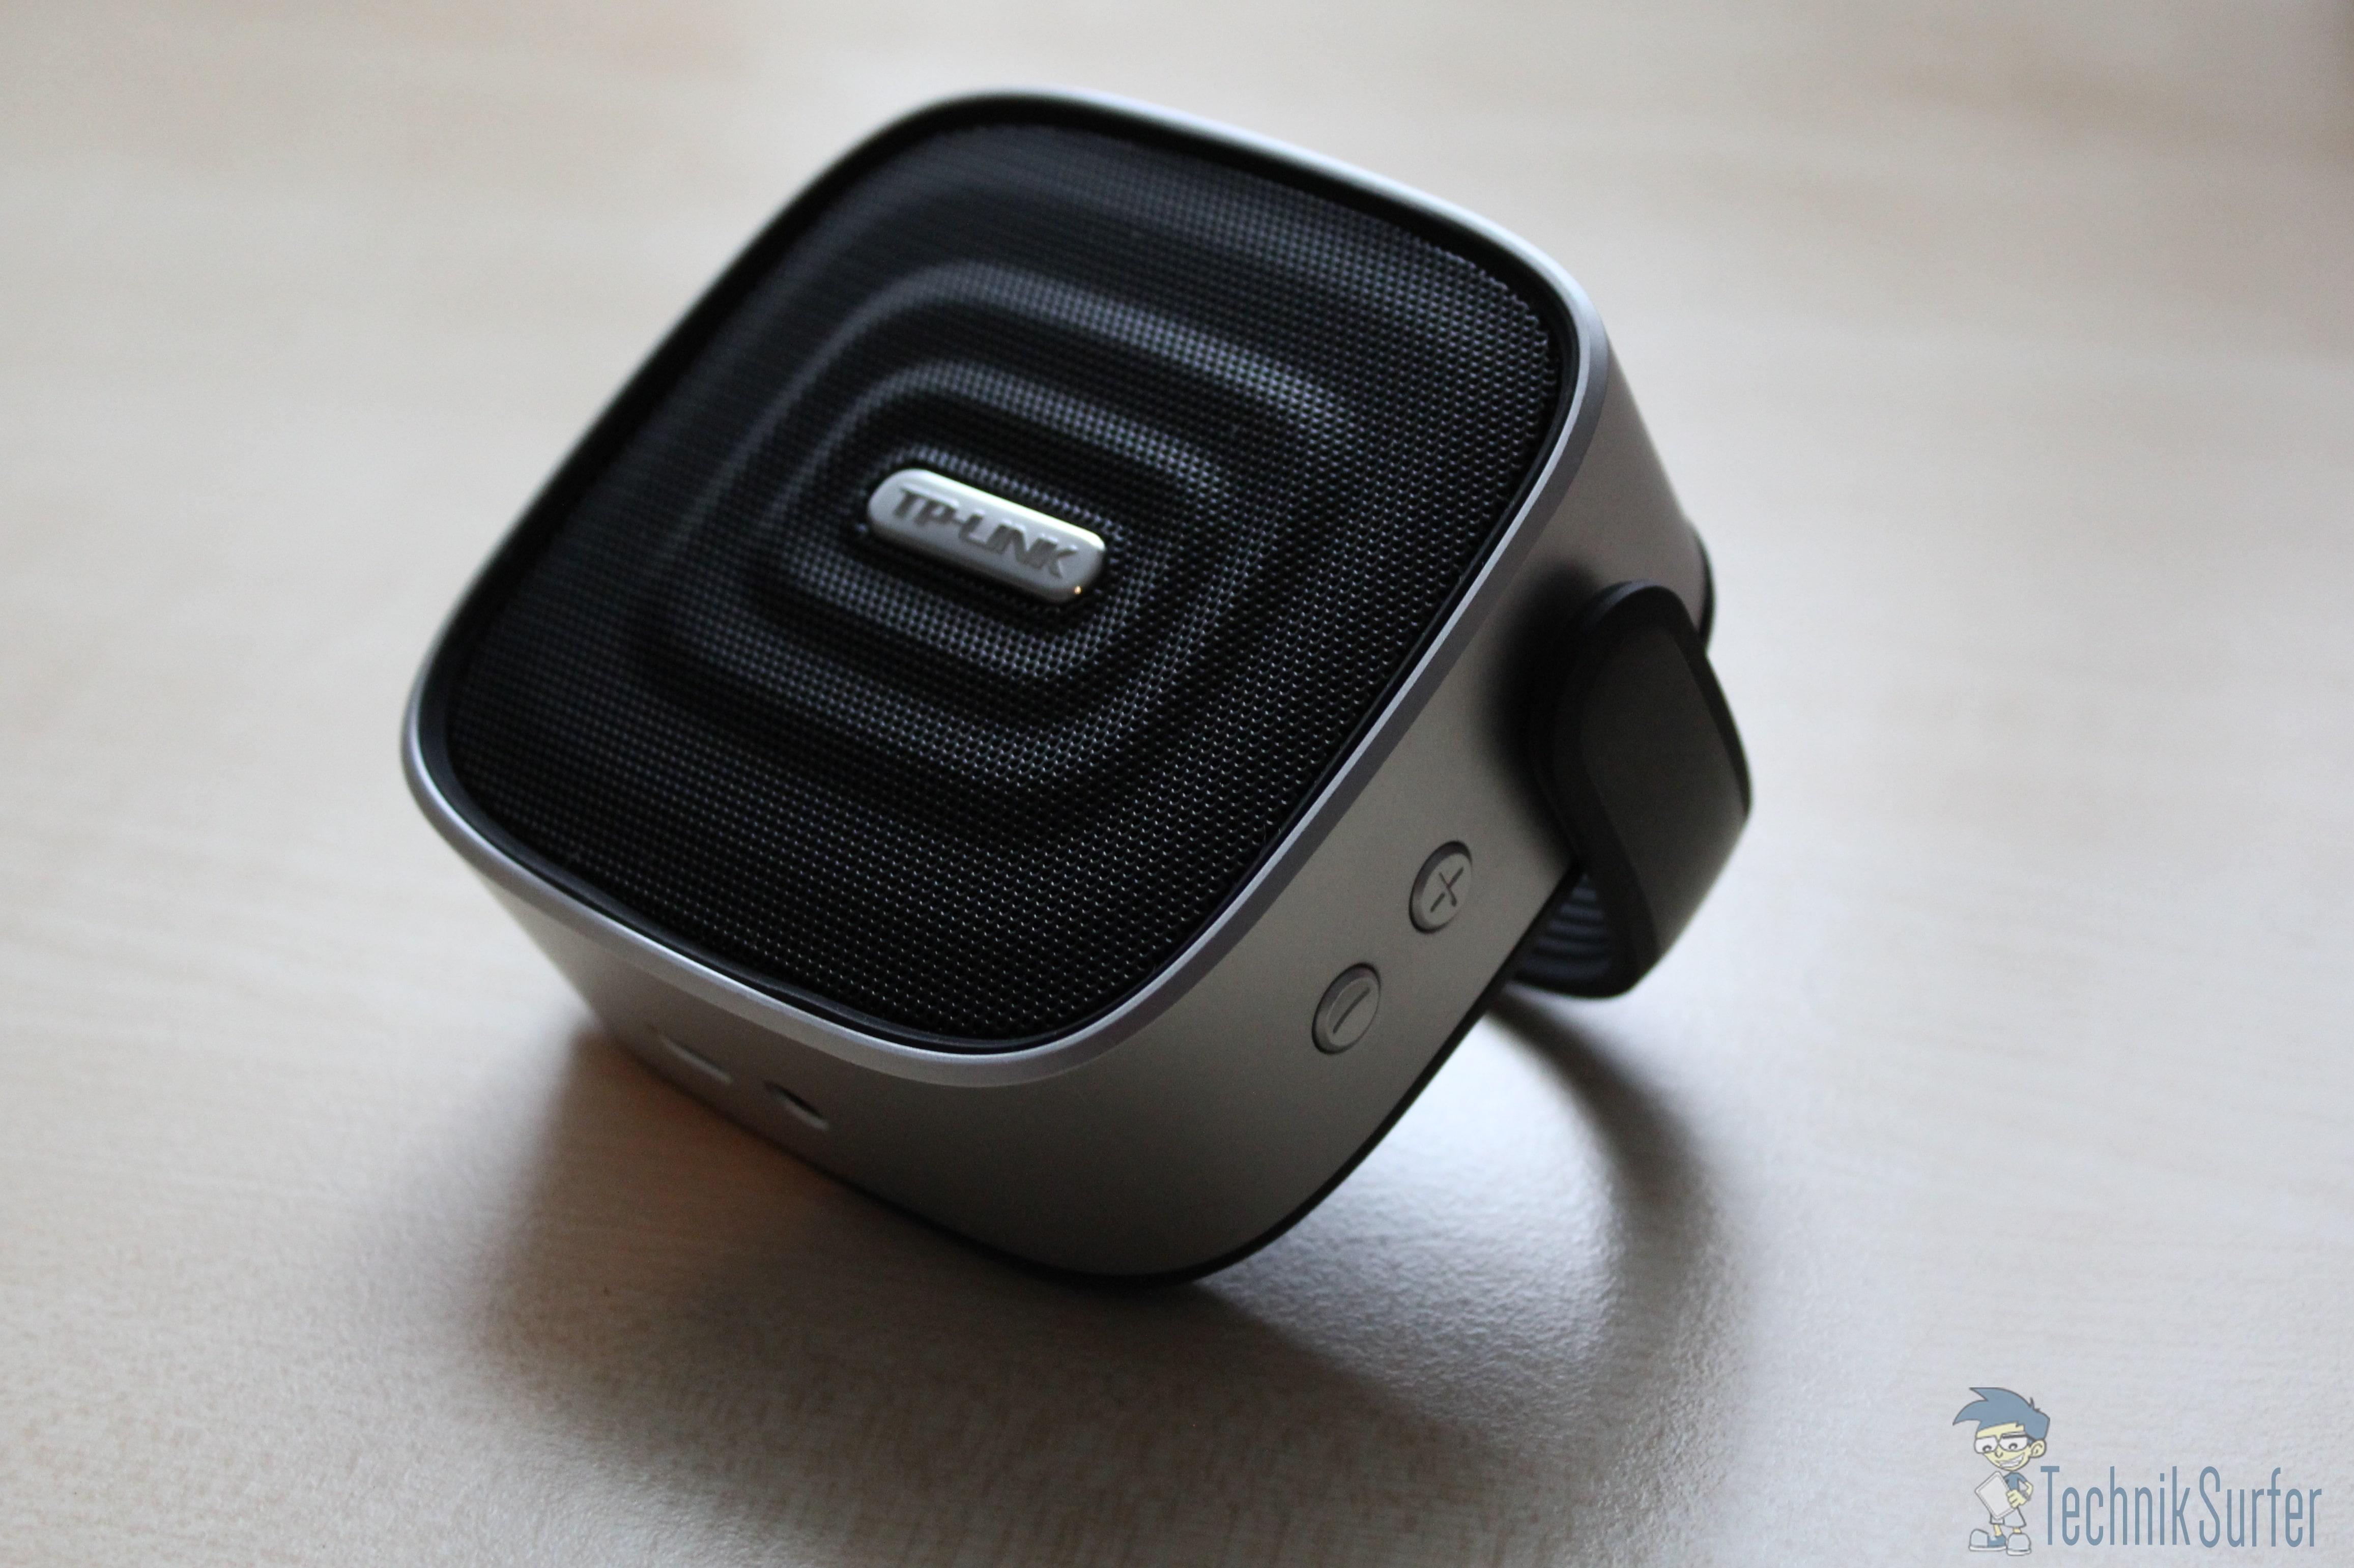 TP-Link bietet mit dem groovi ripple einen perfekten Lautsprecher für unterwegs groovi ripple Test: TP-Link groovi ripple – kleiner Lautsprecher ganz schön groß groovi2